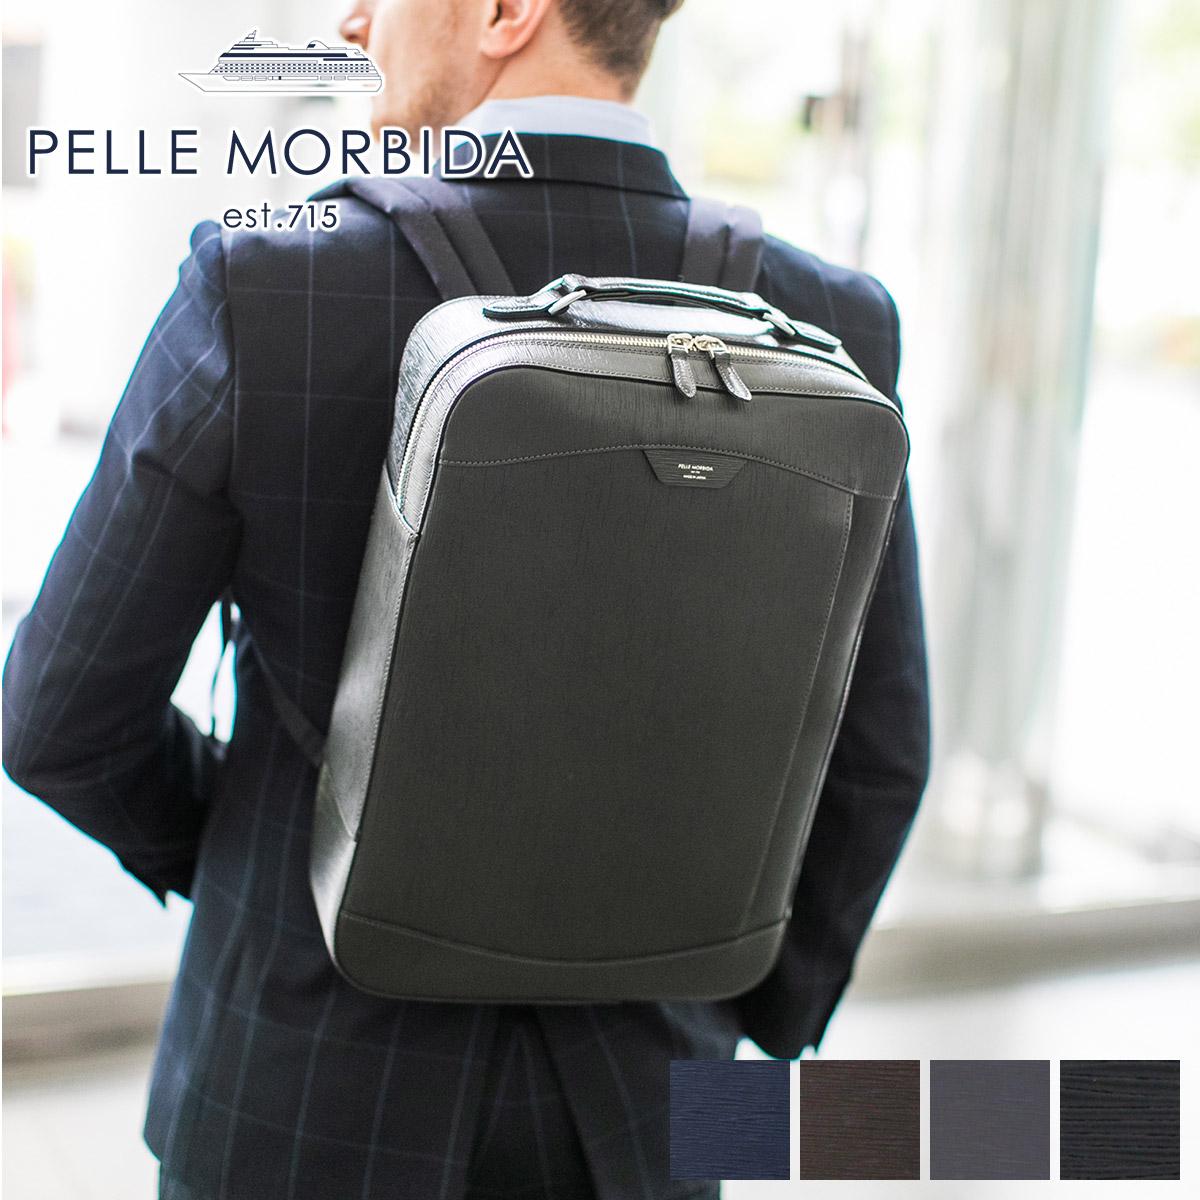 【実用的Wプレゼント付】 PELLE MORBIDA ペッレモルビダ バッグCapitano キャピターノ エンボスレザーリュック型ブリーフバッグ PMO-CA207メンズ ブリーフケース モルビダ ペレモルビダ 日本製